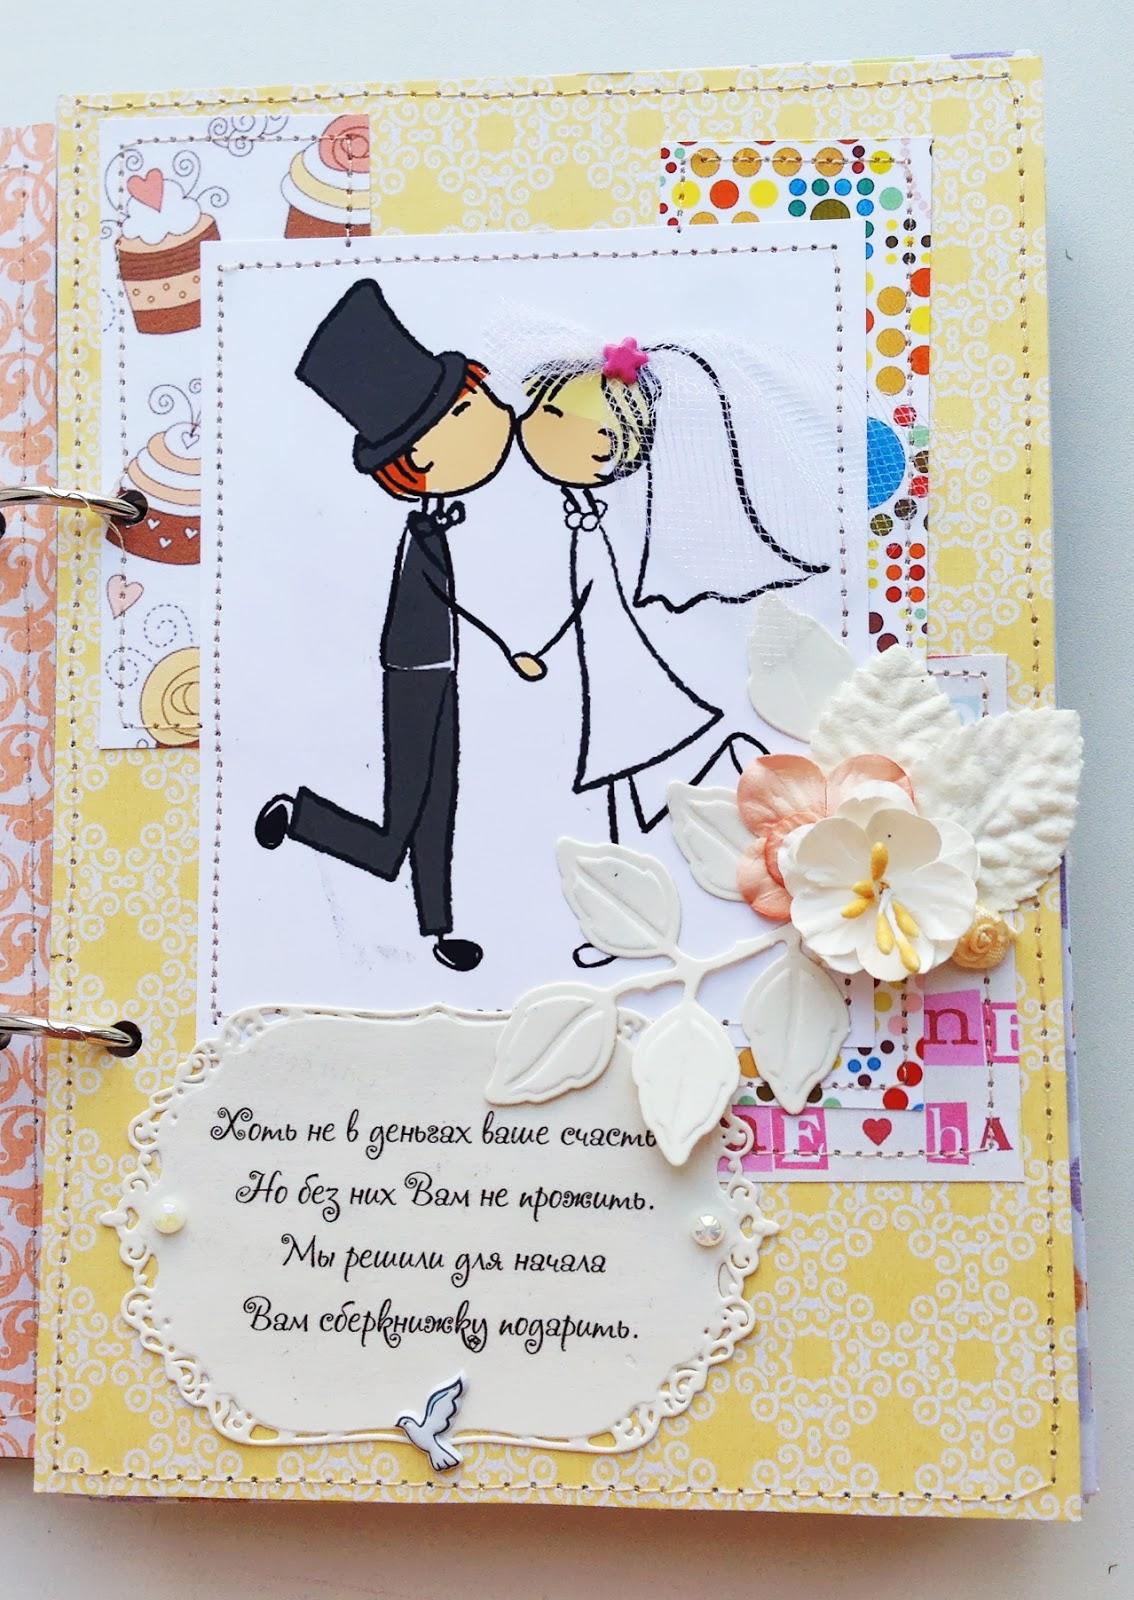 Шуточные поздравления на свадьбу с вручением подарков 16